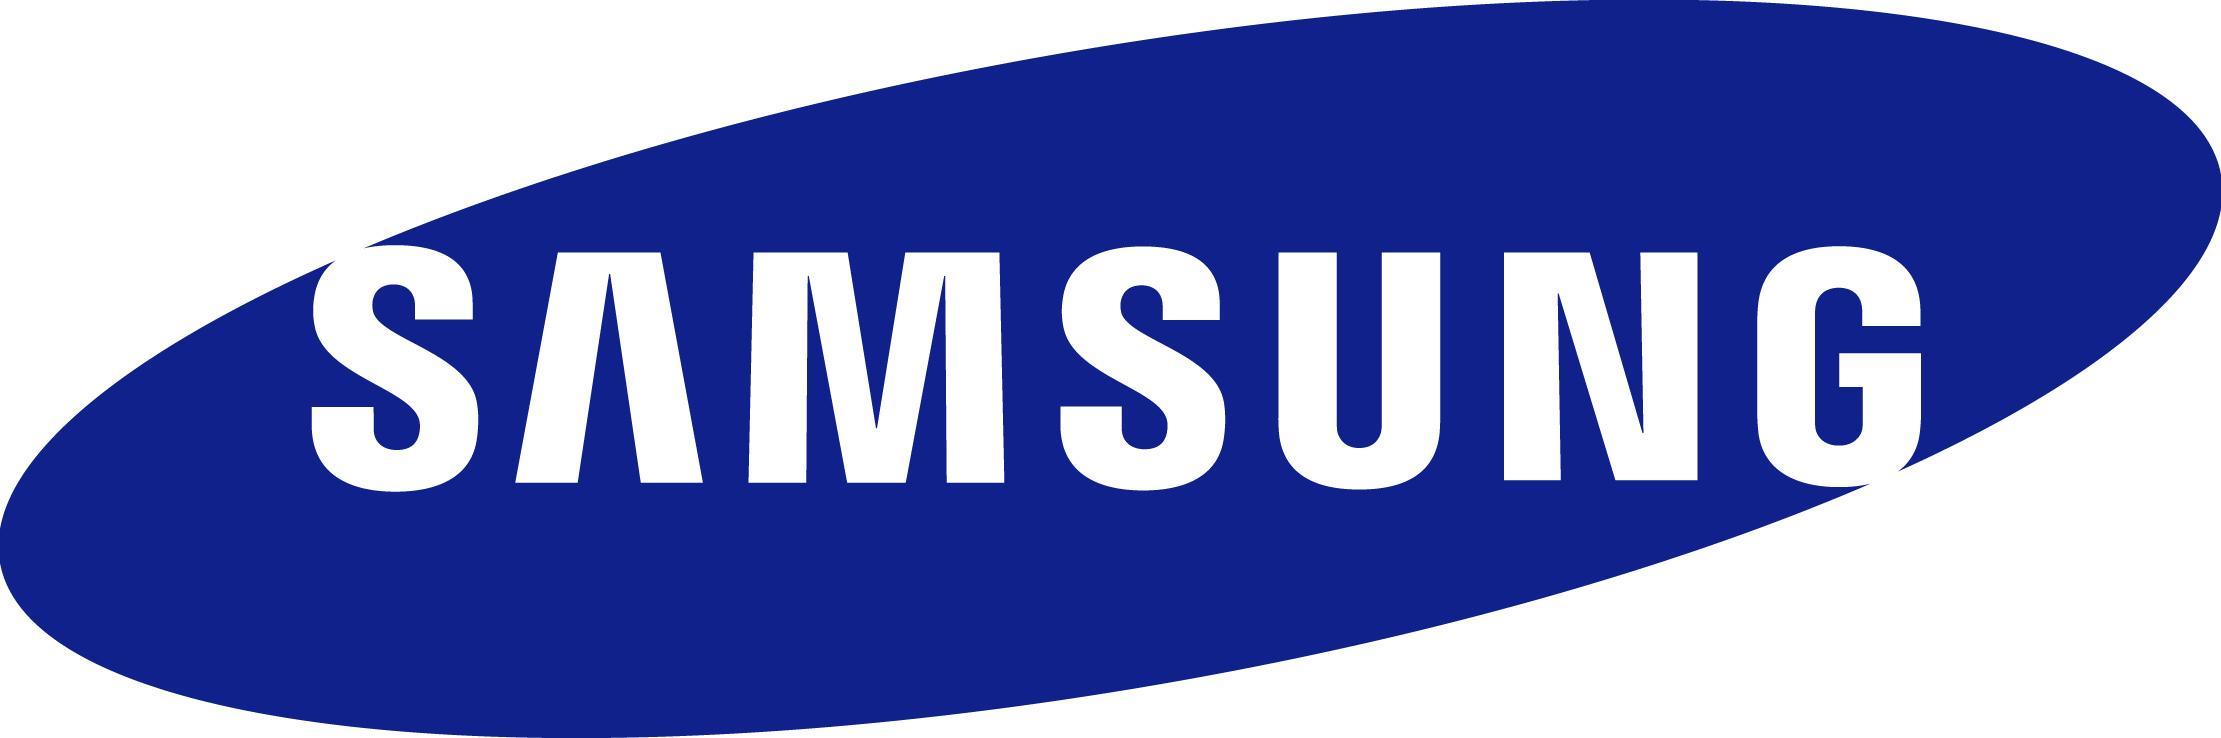 Samsung ahora copia los comerciales de Apple